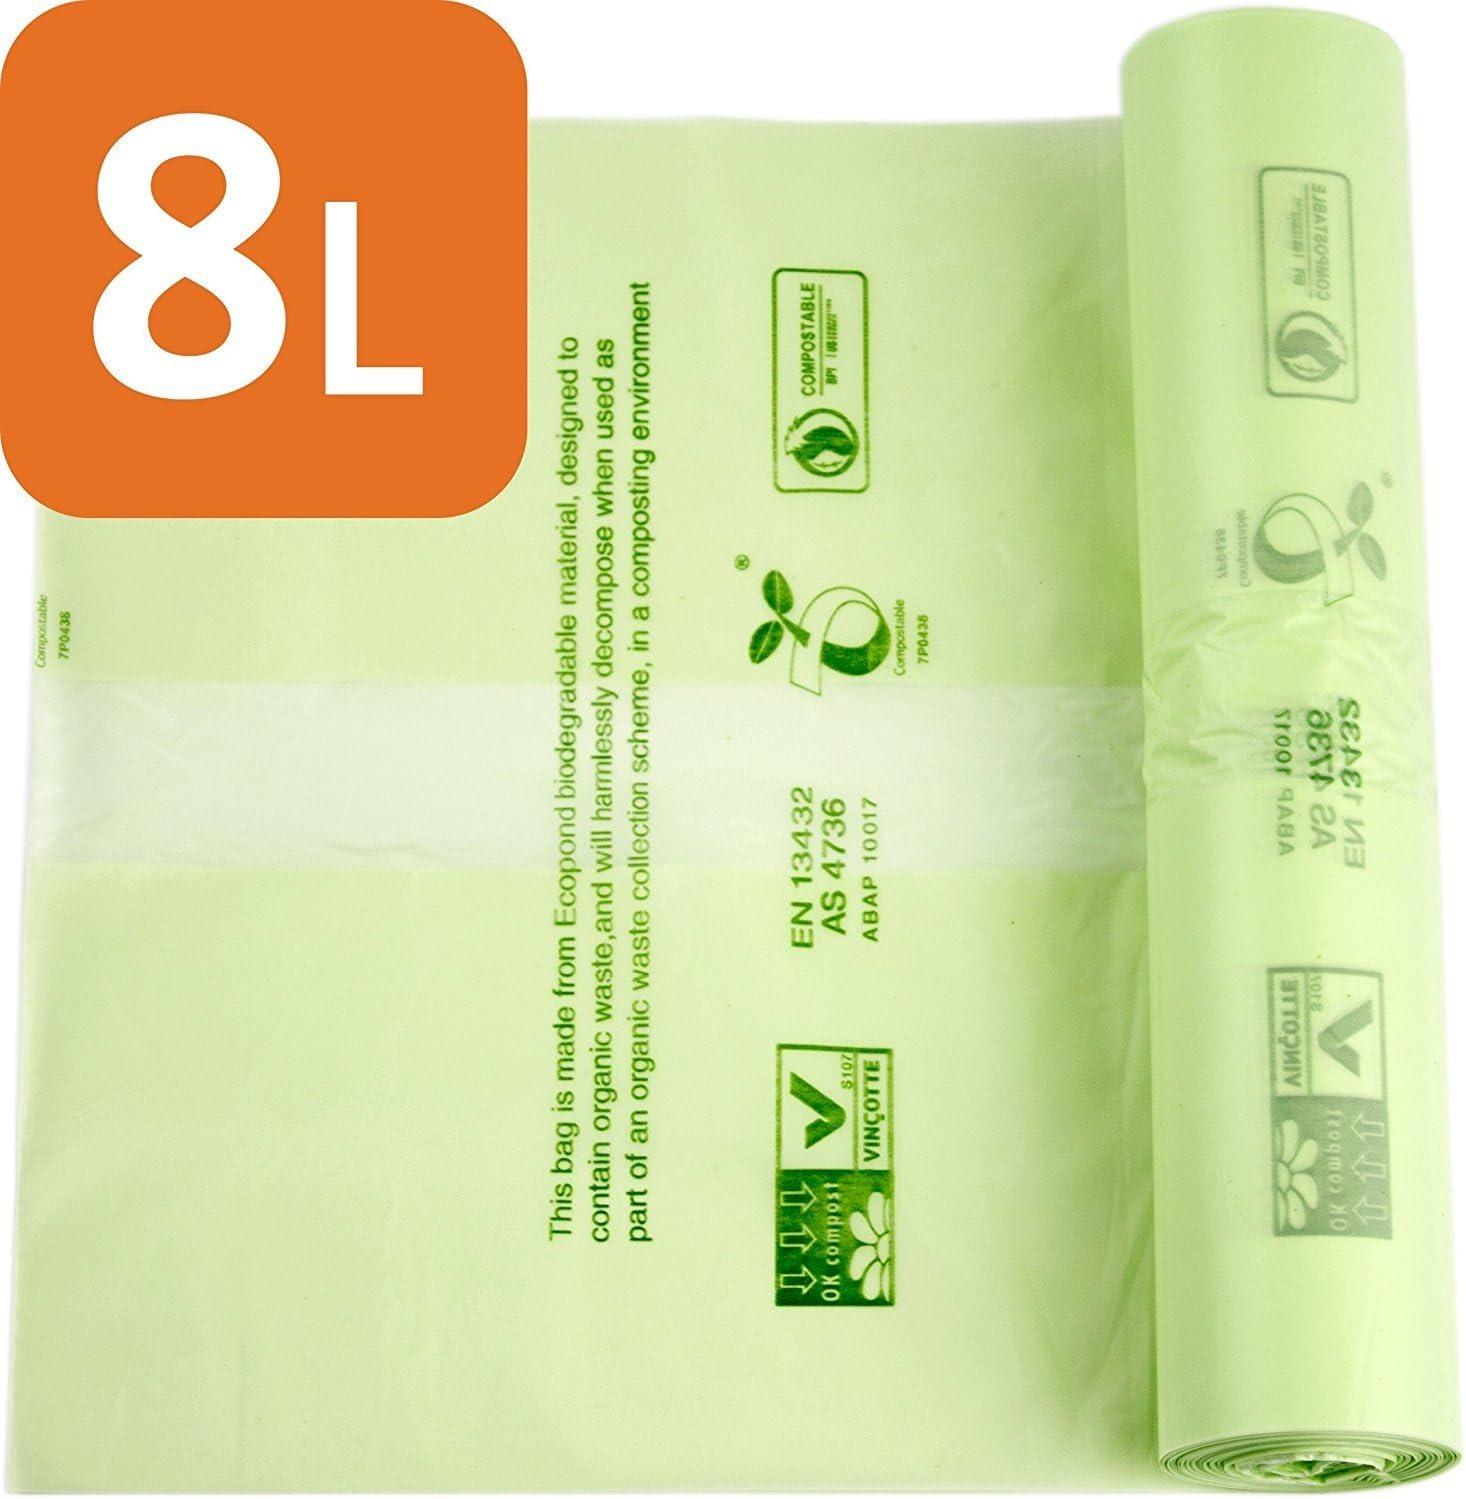 Bolsas de basura compostables de Alina, para alimentos y residuos ...